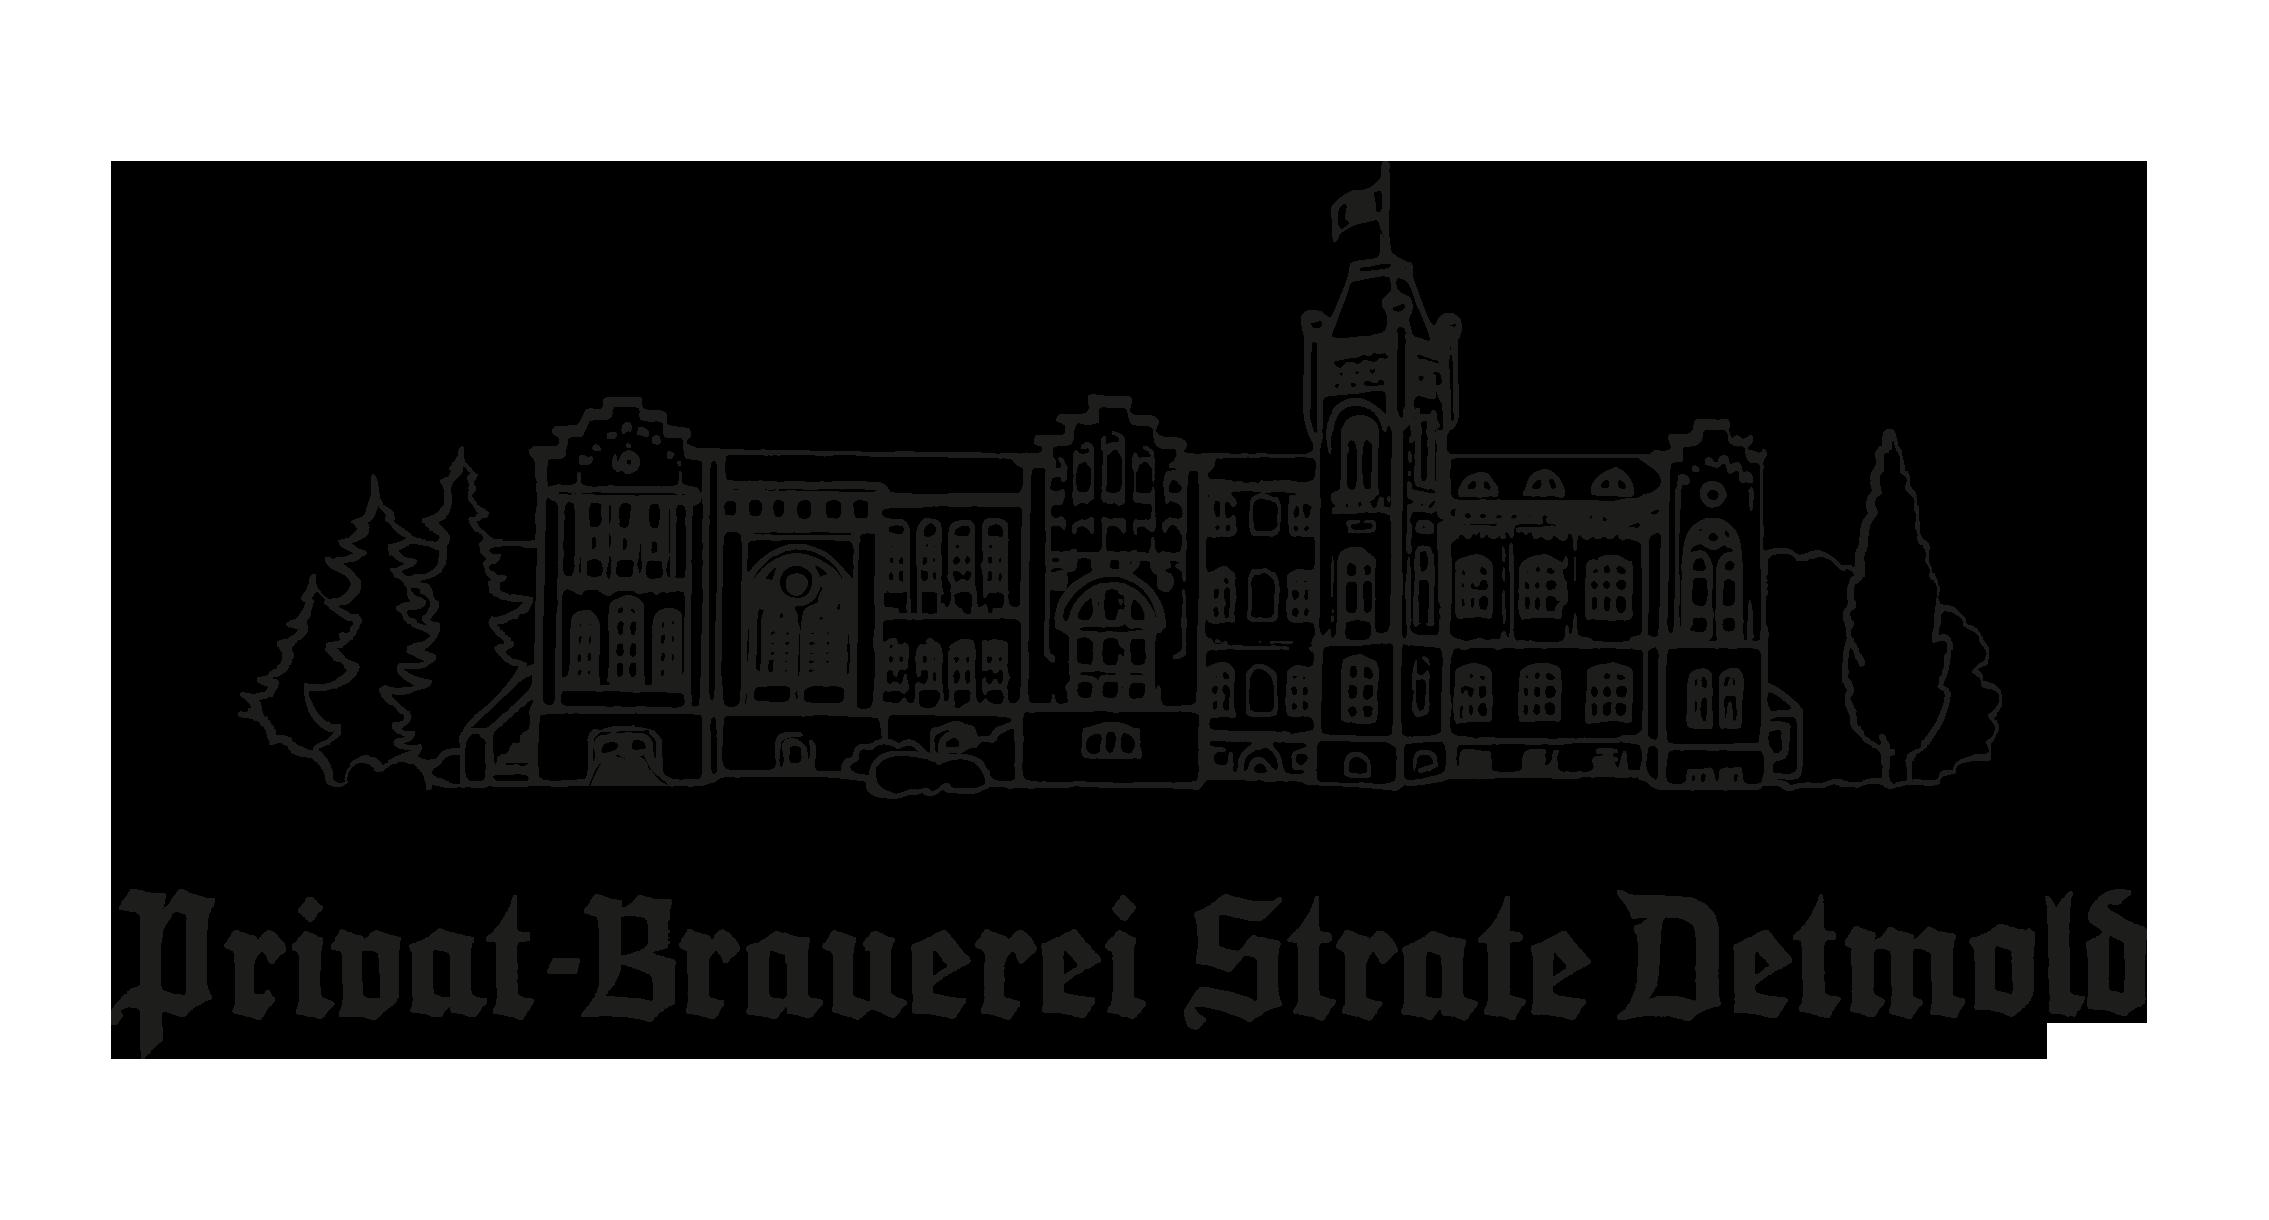 Detmolder Schriftzug mit Gebäude Image